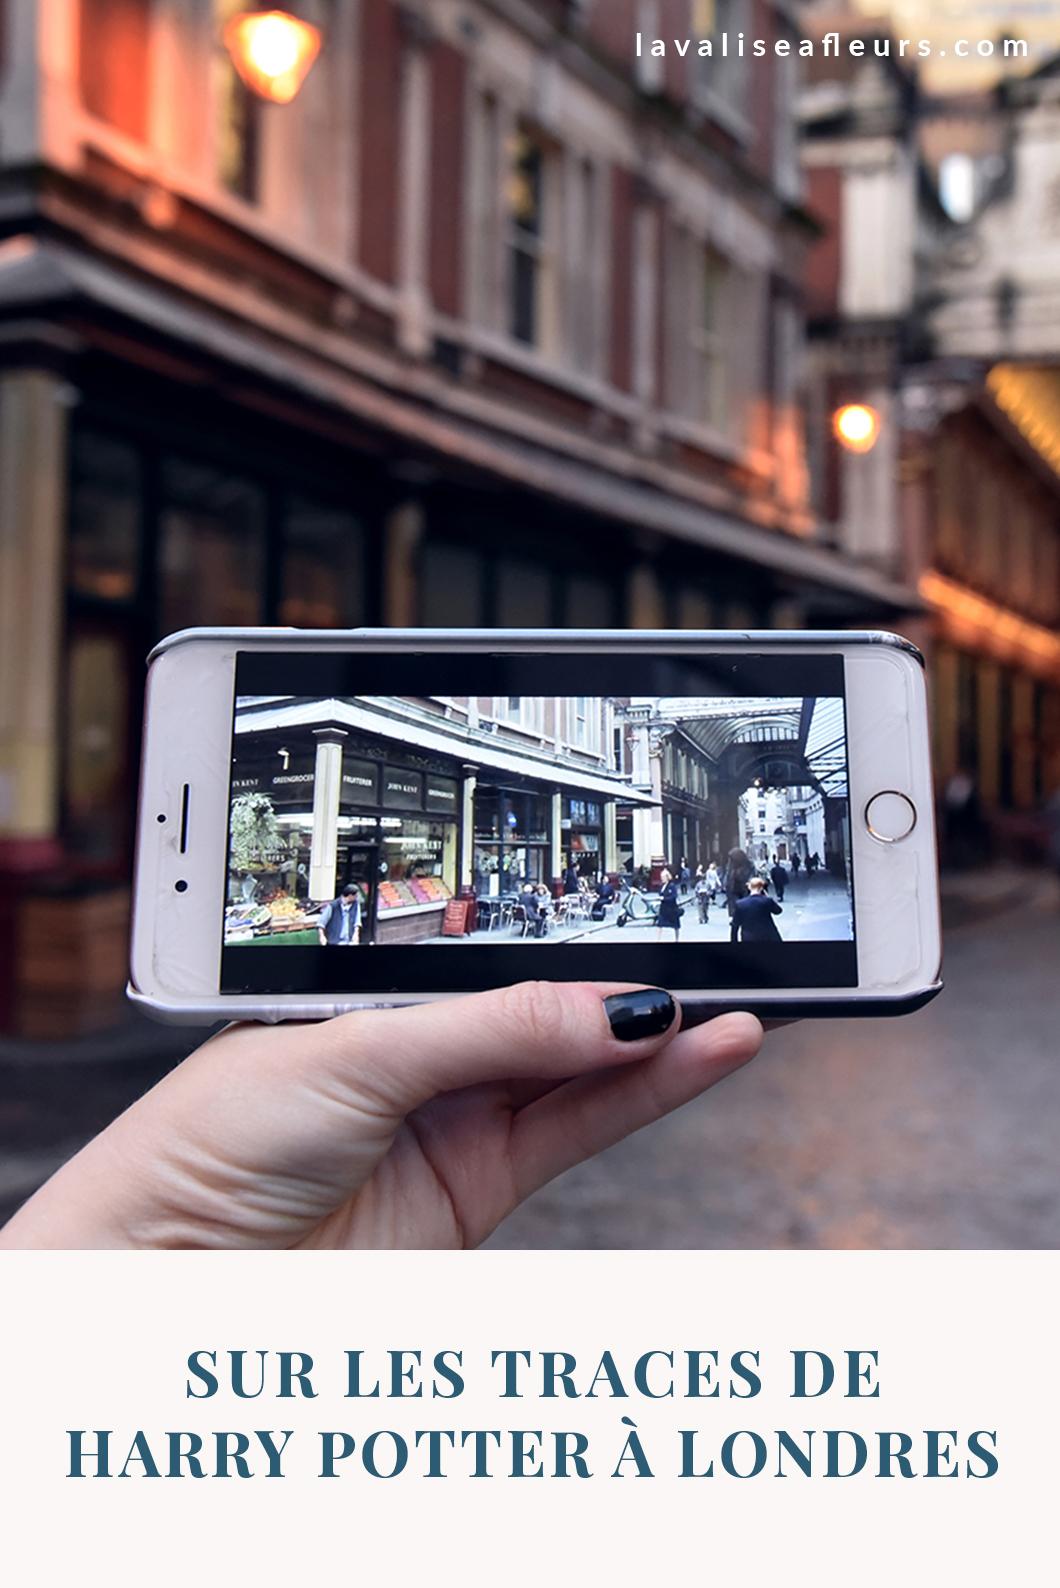 Sur les traces de Harry Potter dans Londres